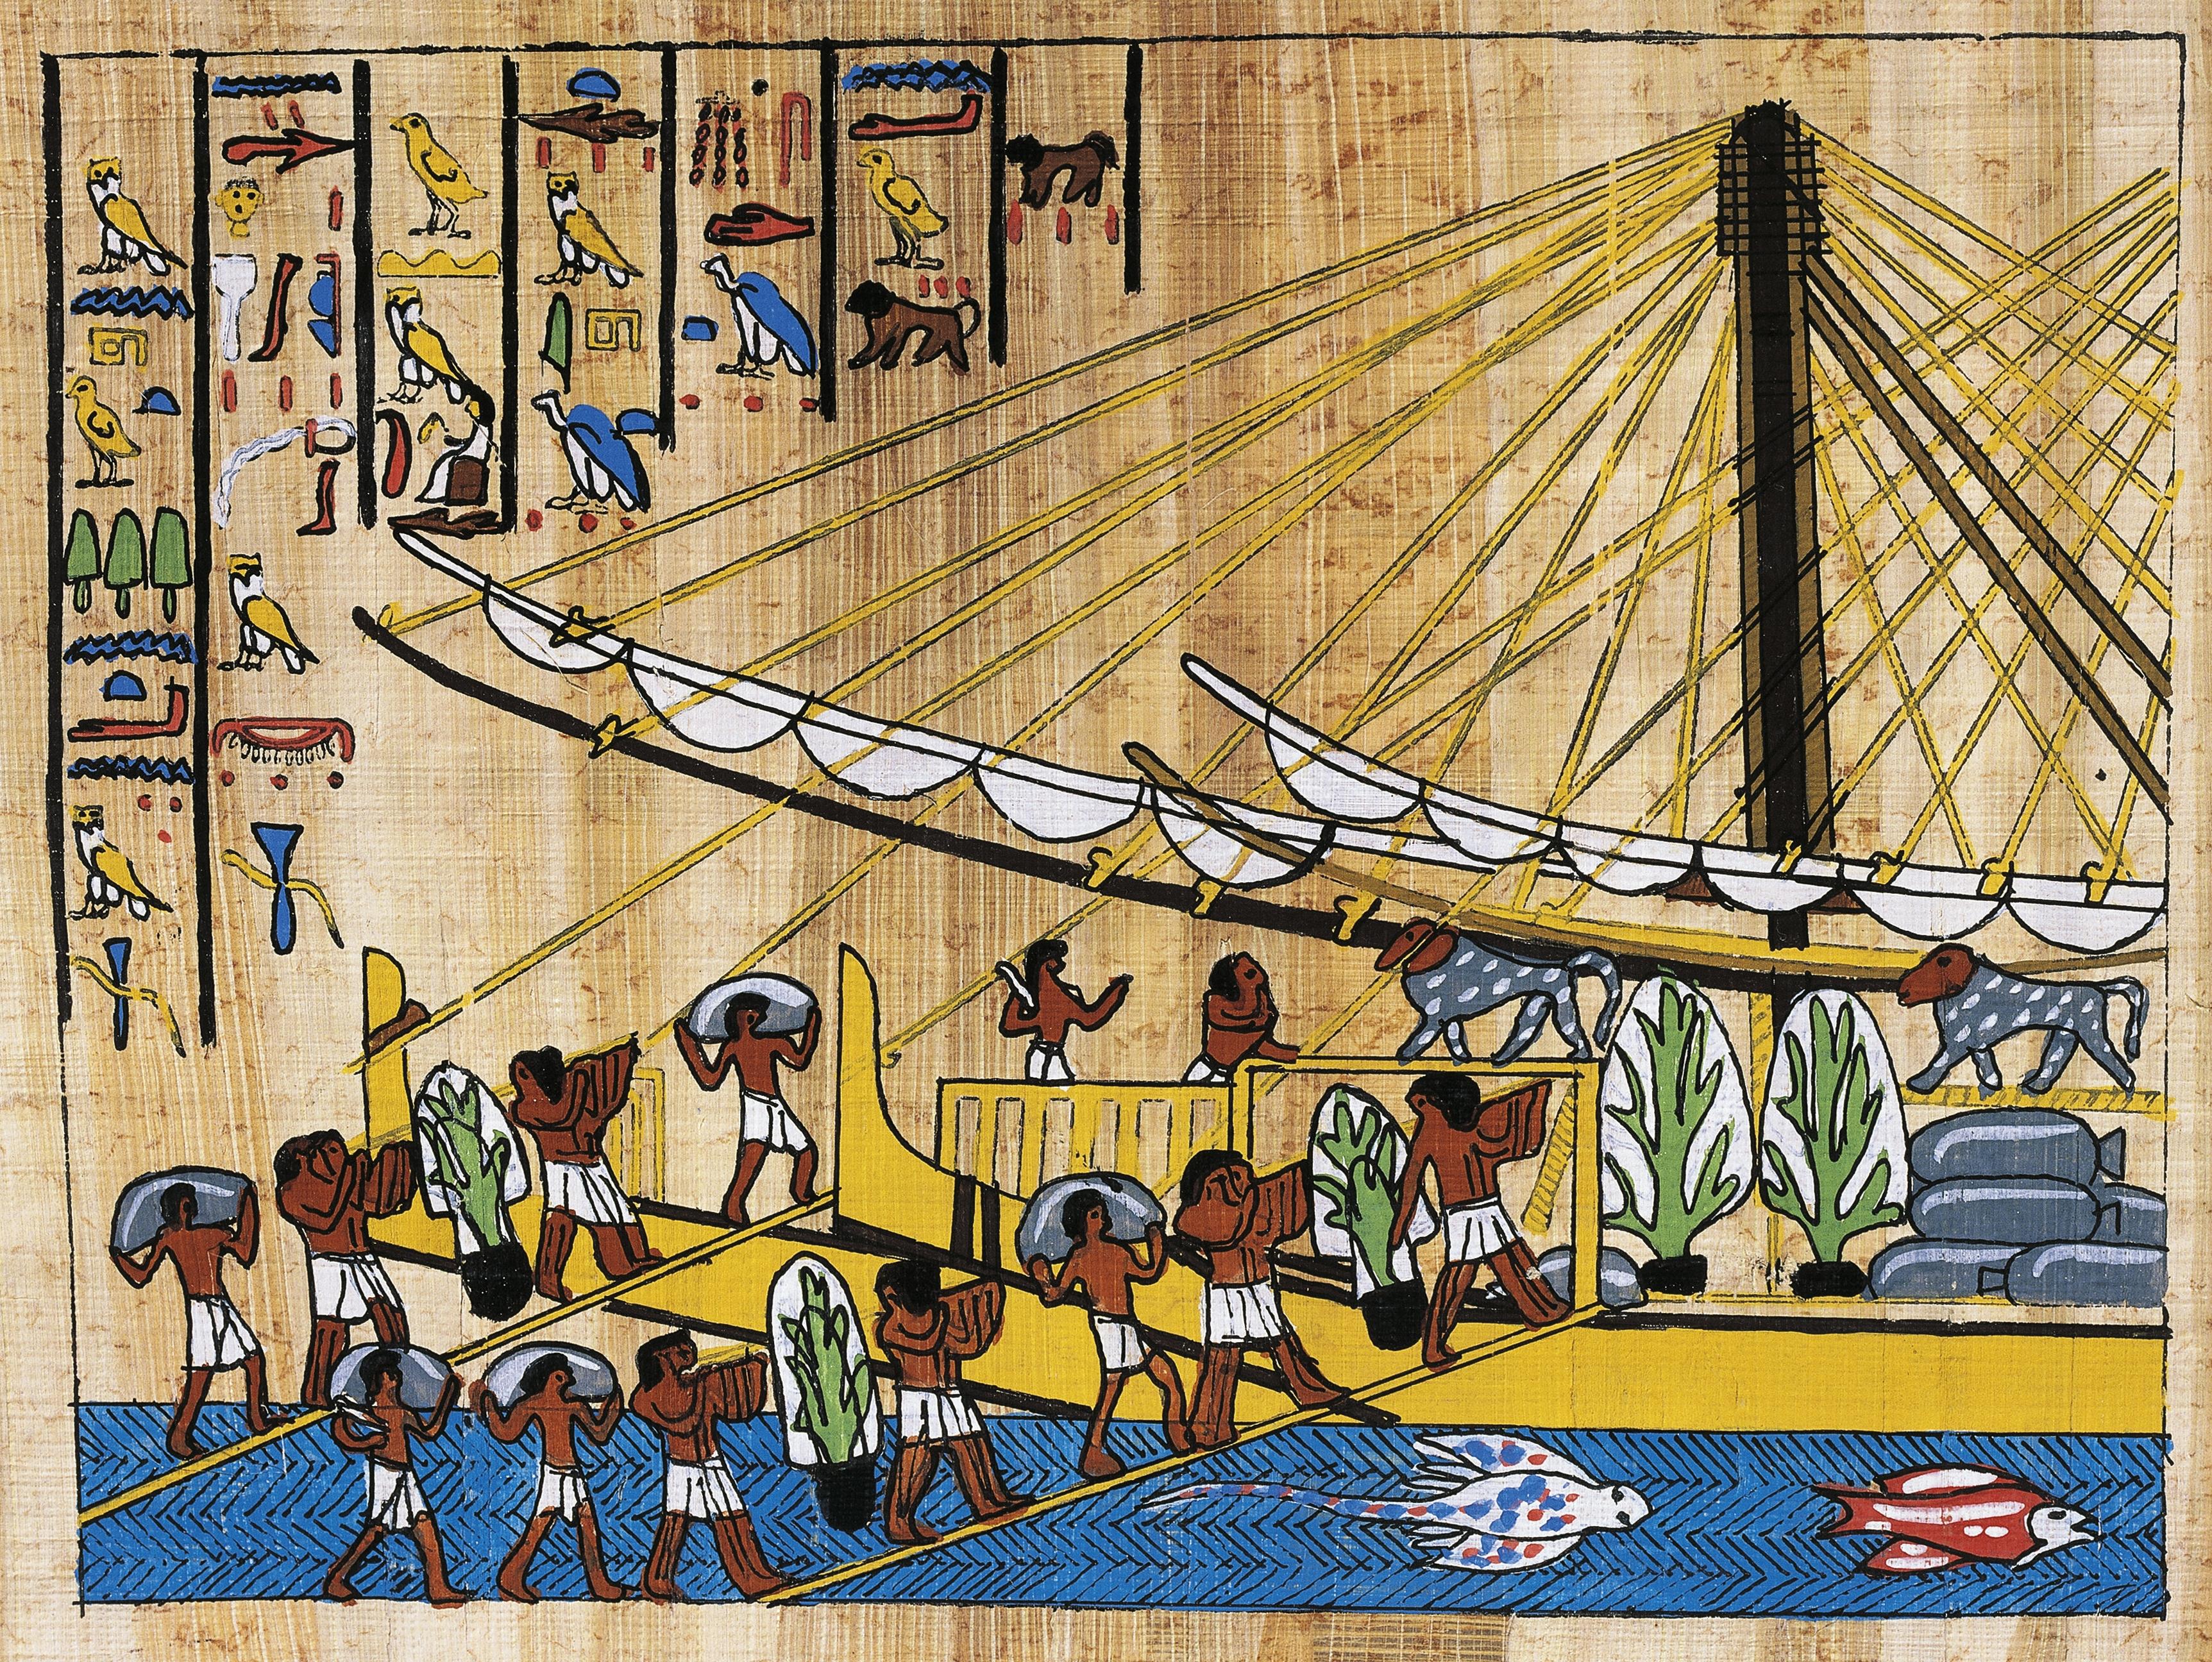 En este papiro está reconstruido un relieve del templo de Deir el-Bahari, que muestra el momento en el que están cargando uno de los barcos de la expedición de Hatshepsut en la Tierra de Punt con los tesoros que llevarían a Egipto.